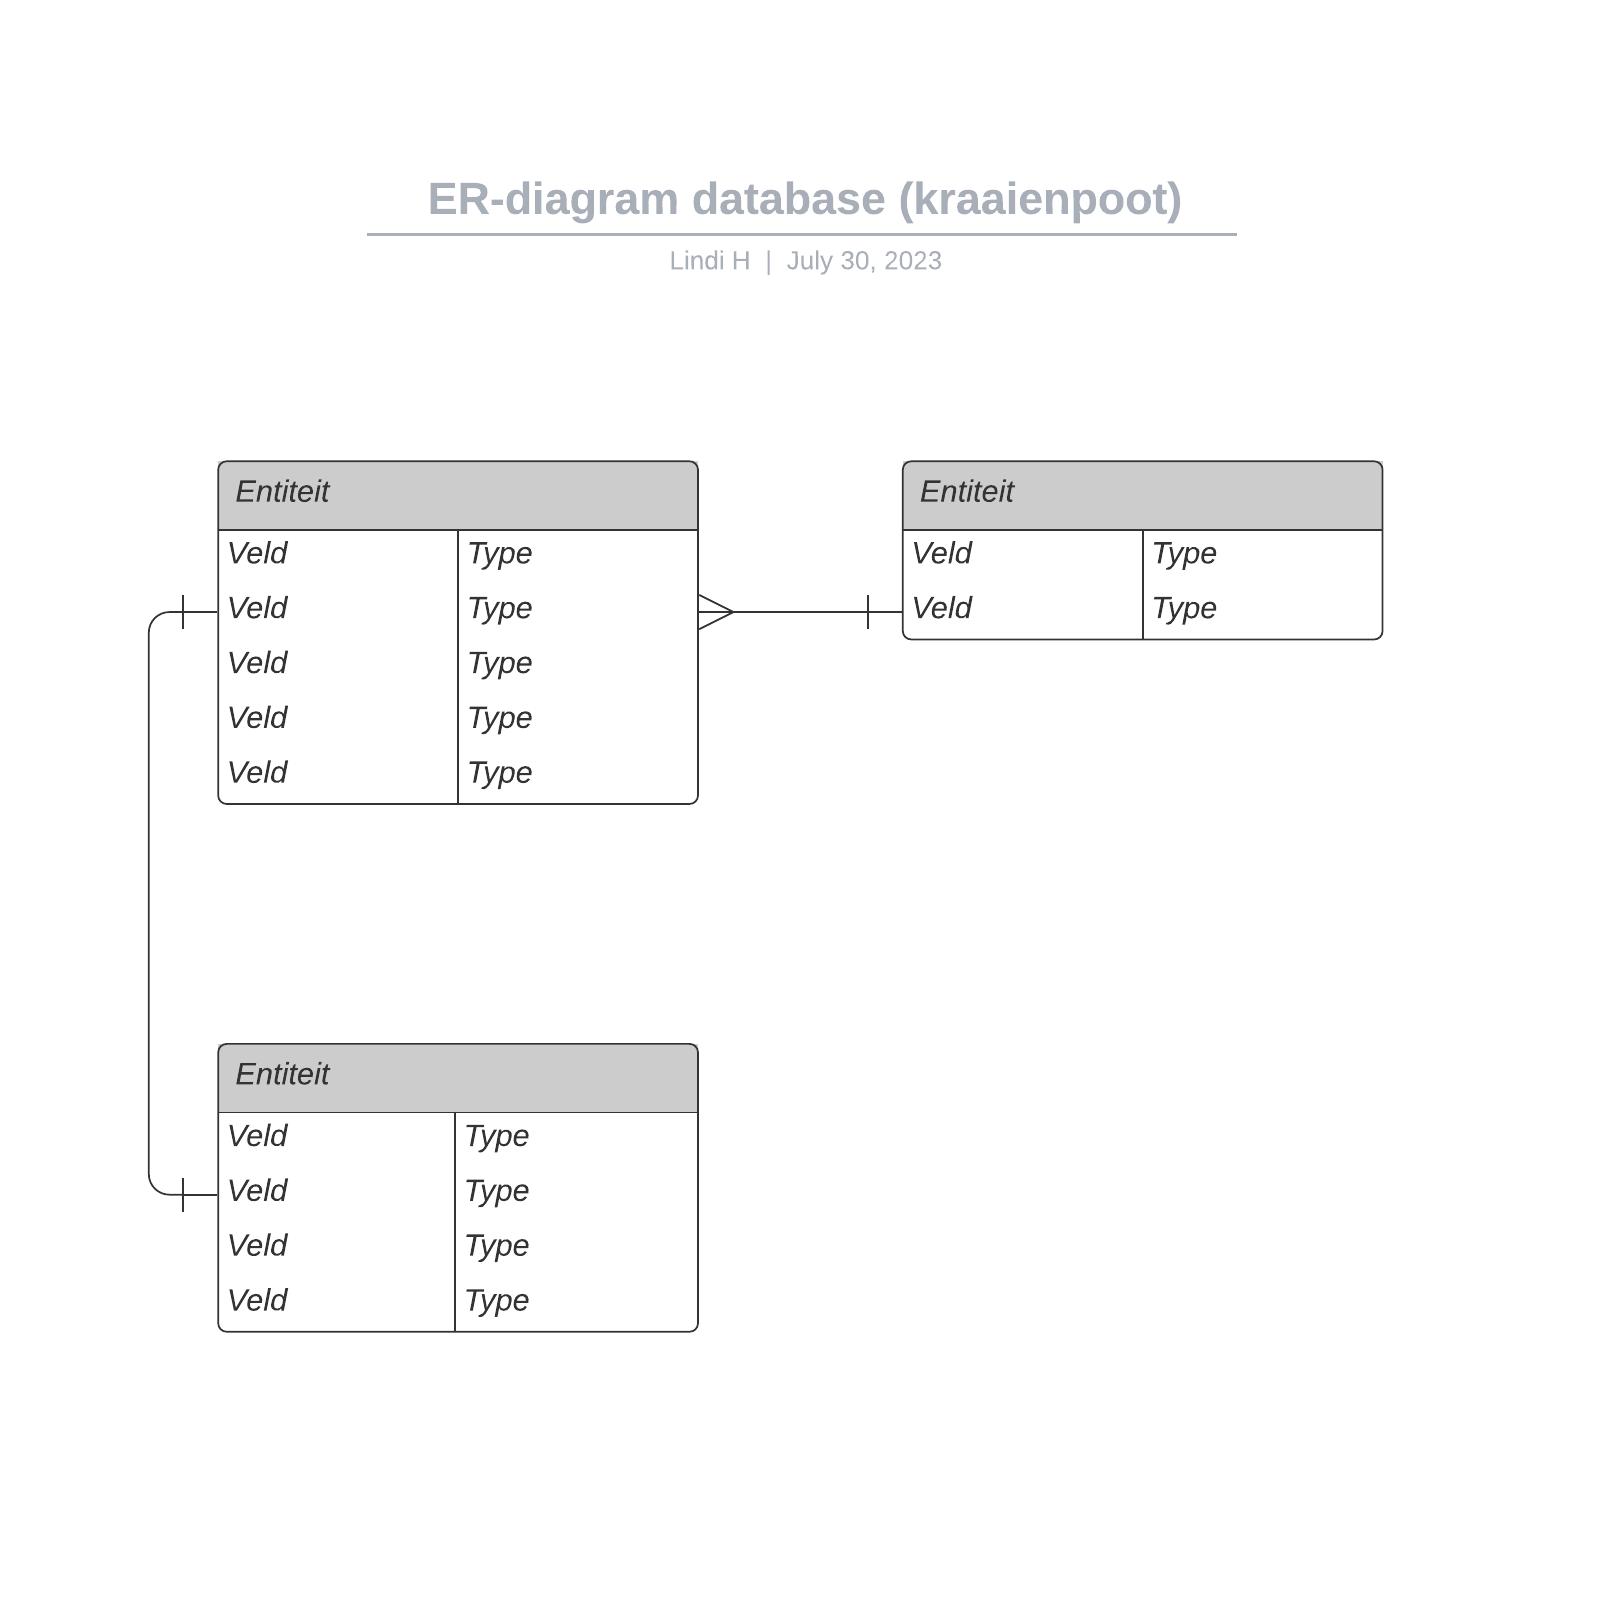 ER-diagram database (kraaienpoot)